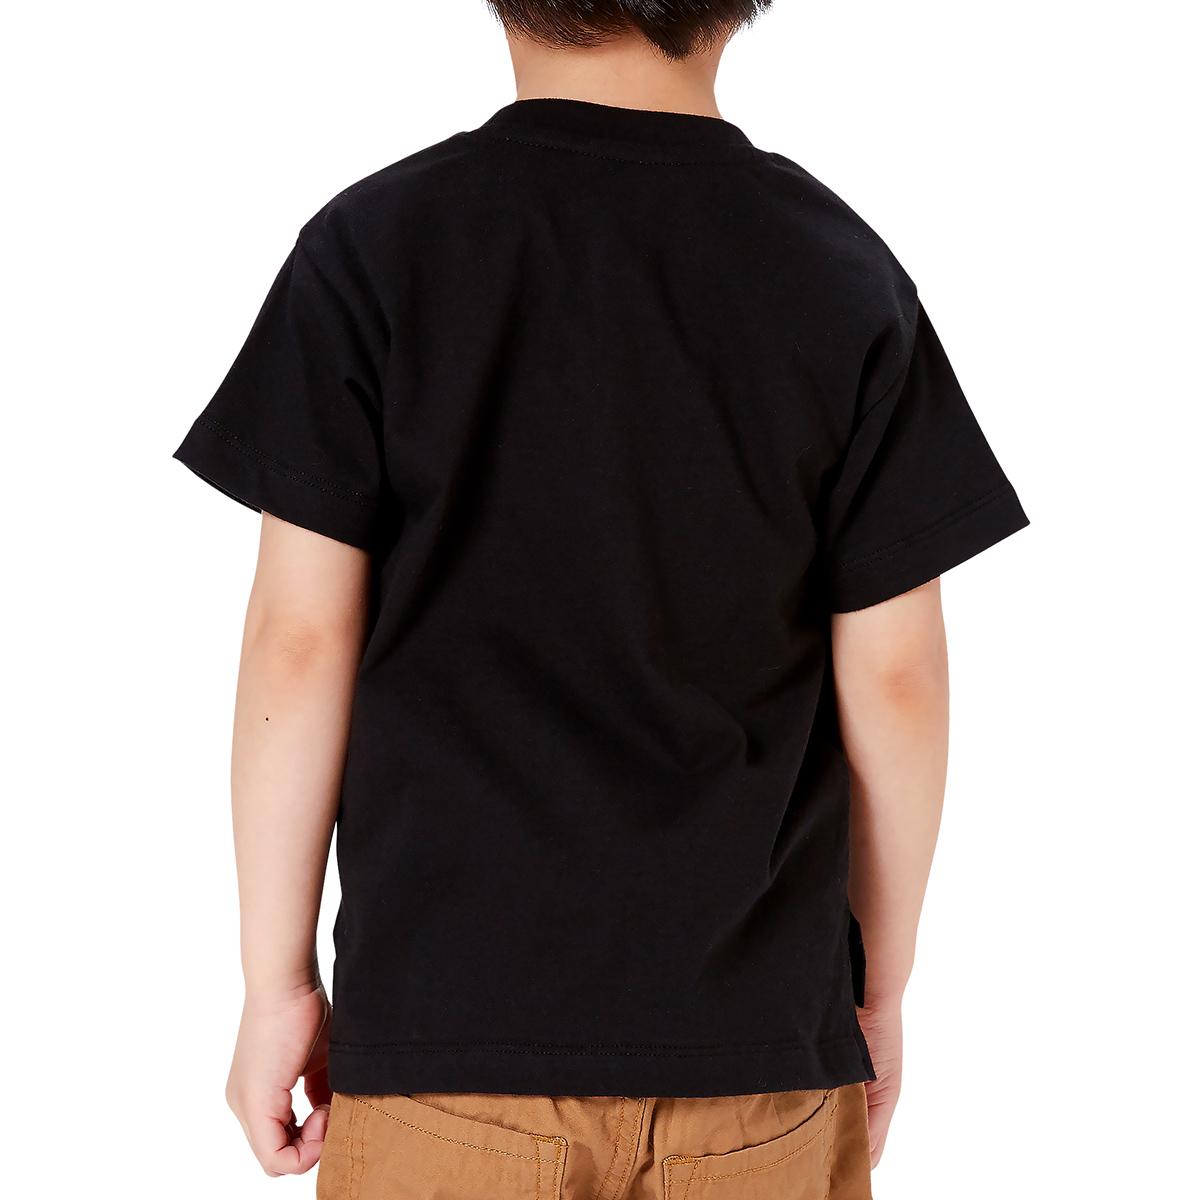 블랙 테이프 브라운 키즈 반팔 티셔츠